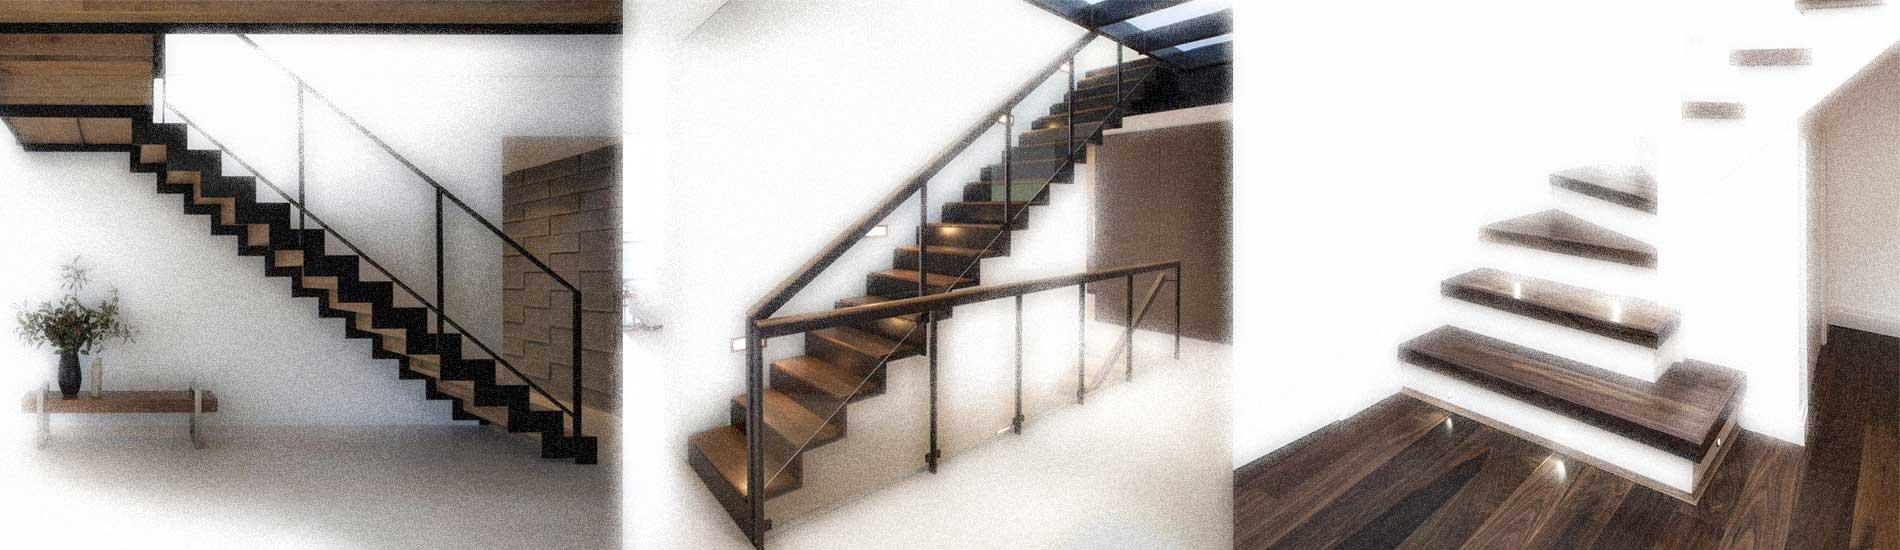 Fabricación de escaleras a medida